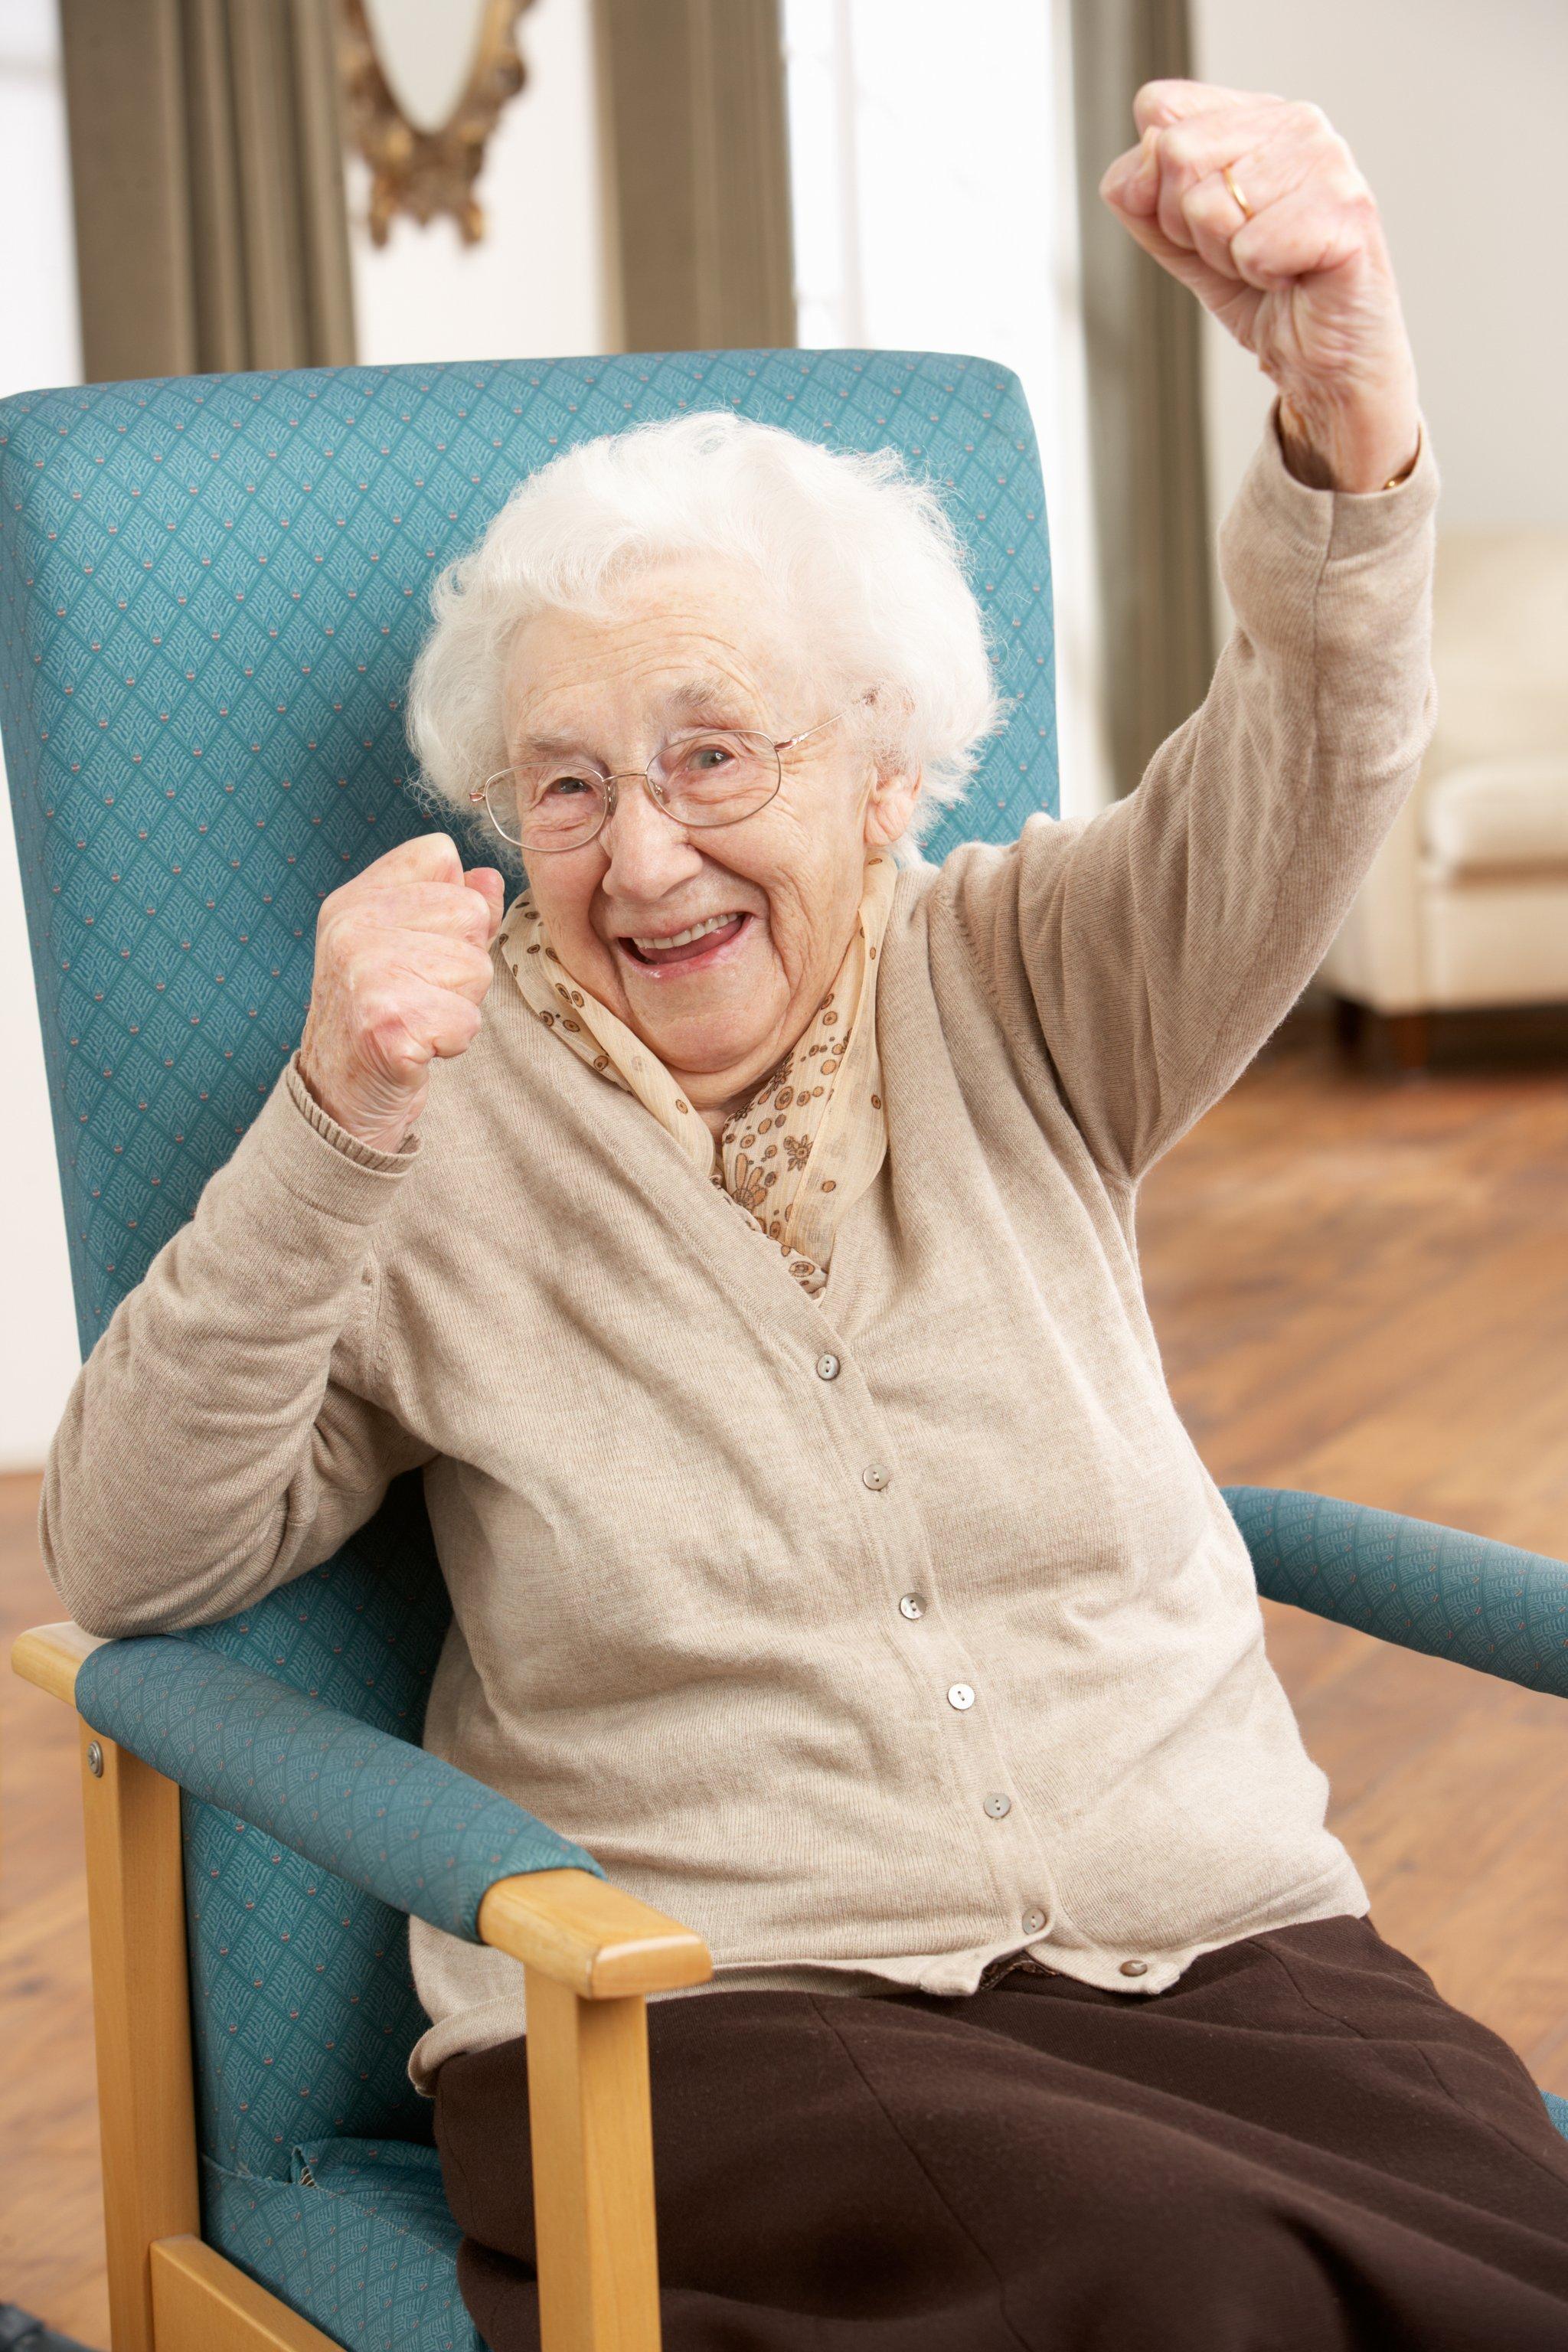 joyful-older-woman.jpg